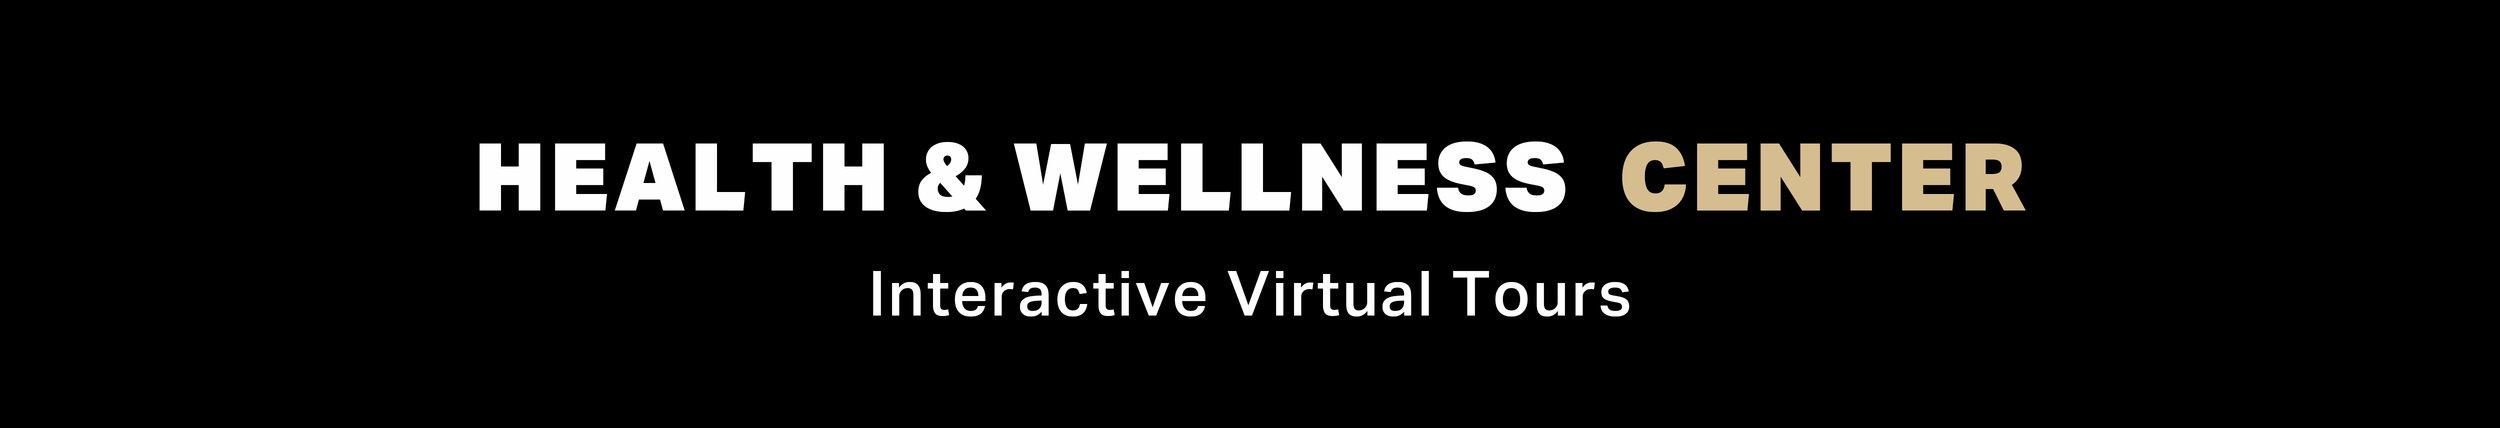 Health & Wellness Center Title.jpg